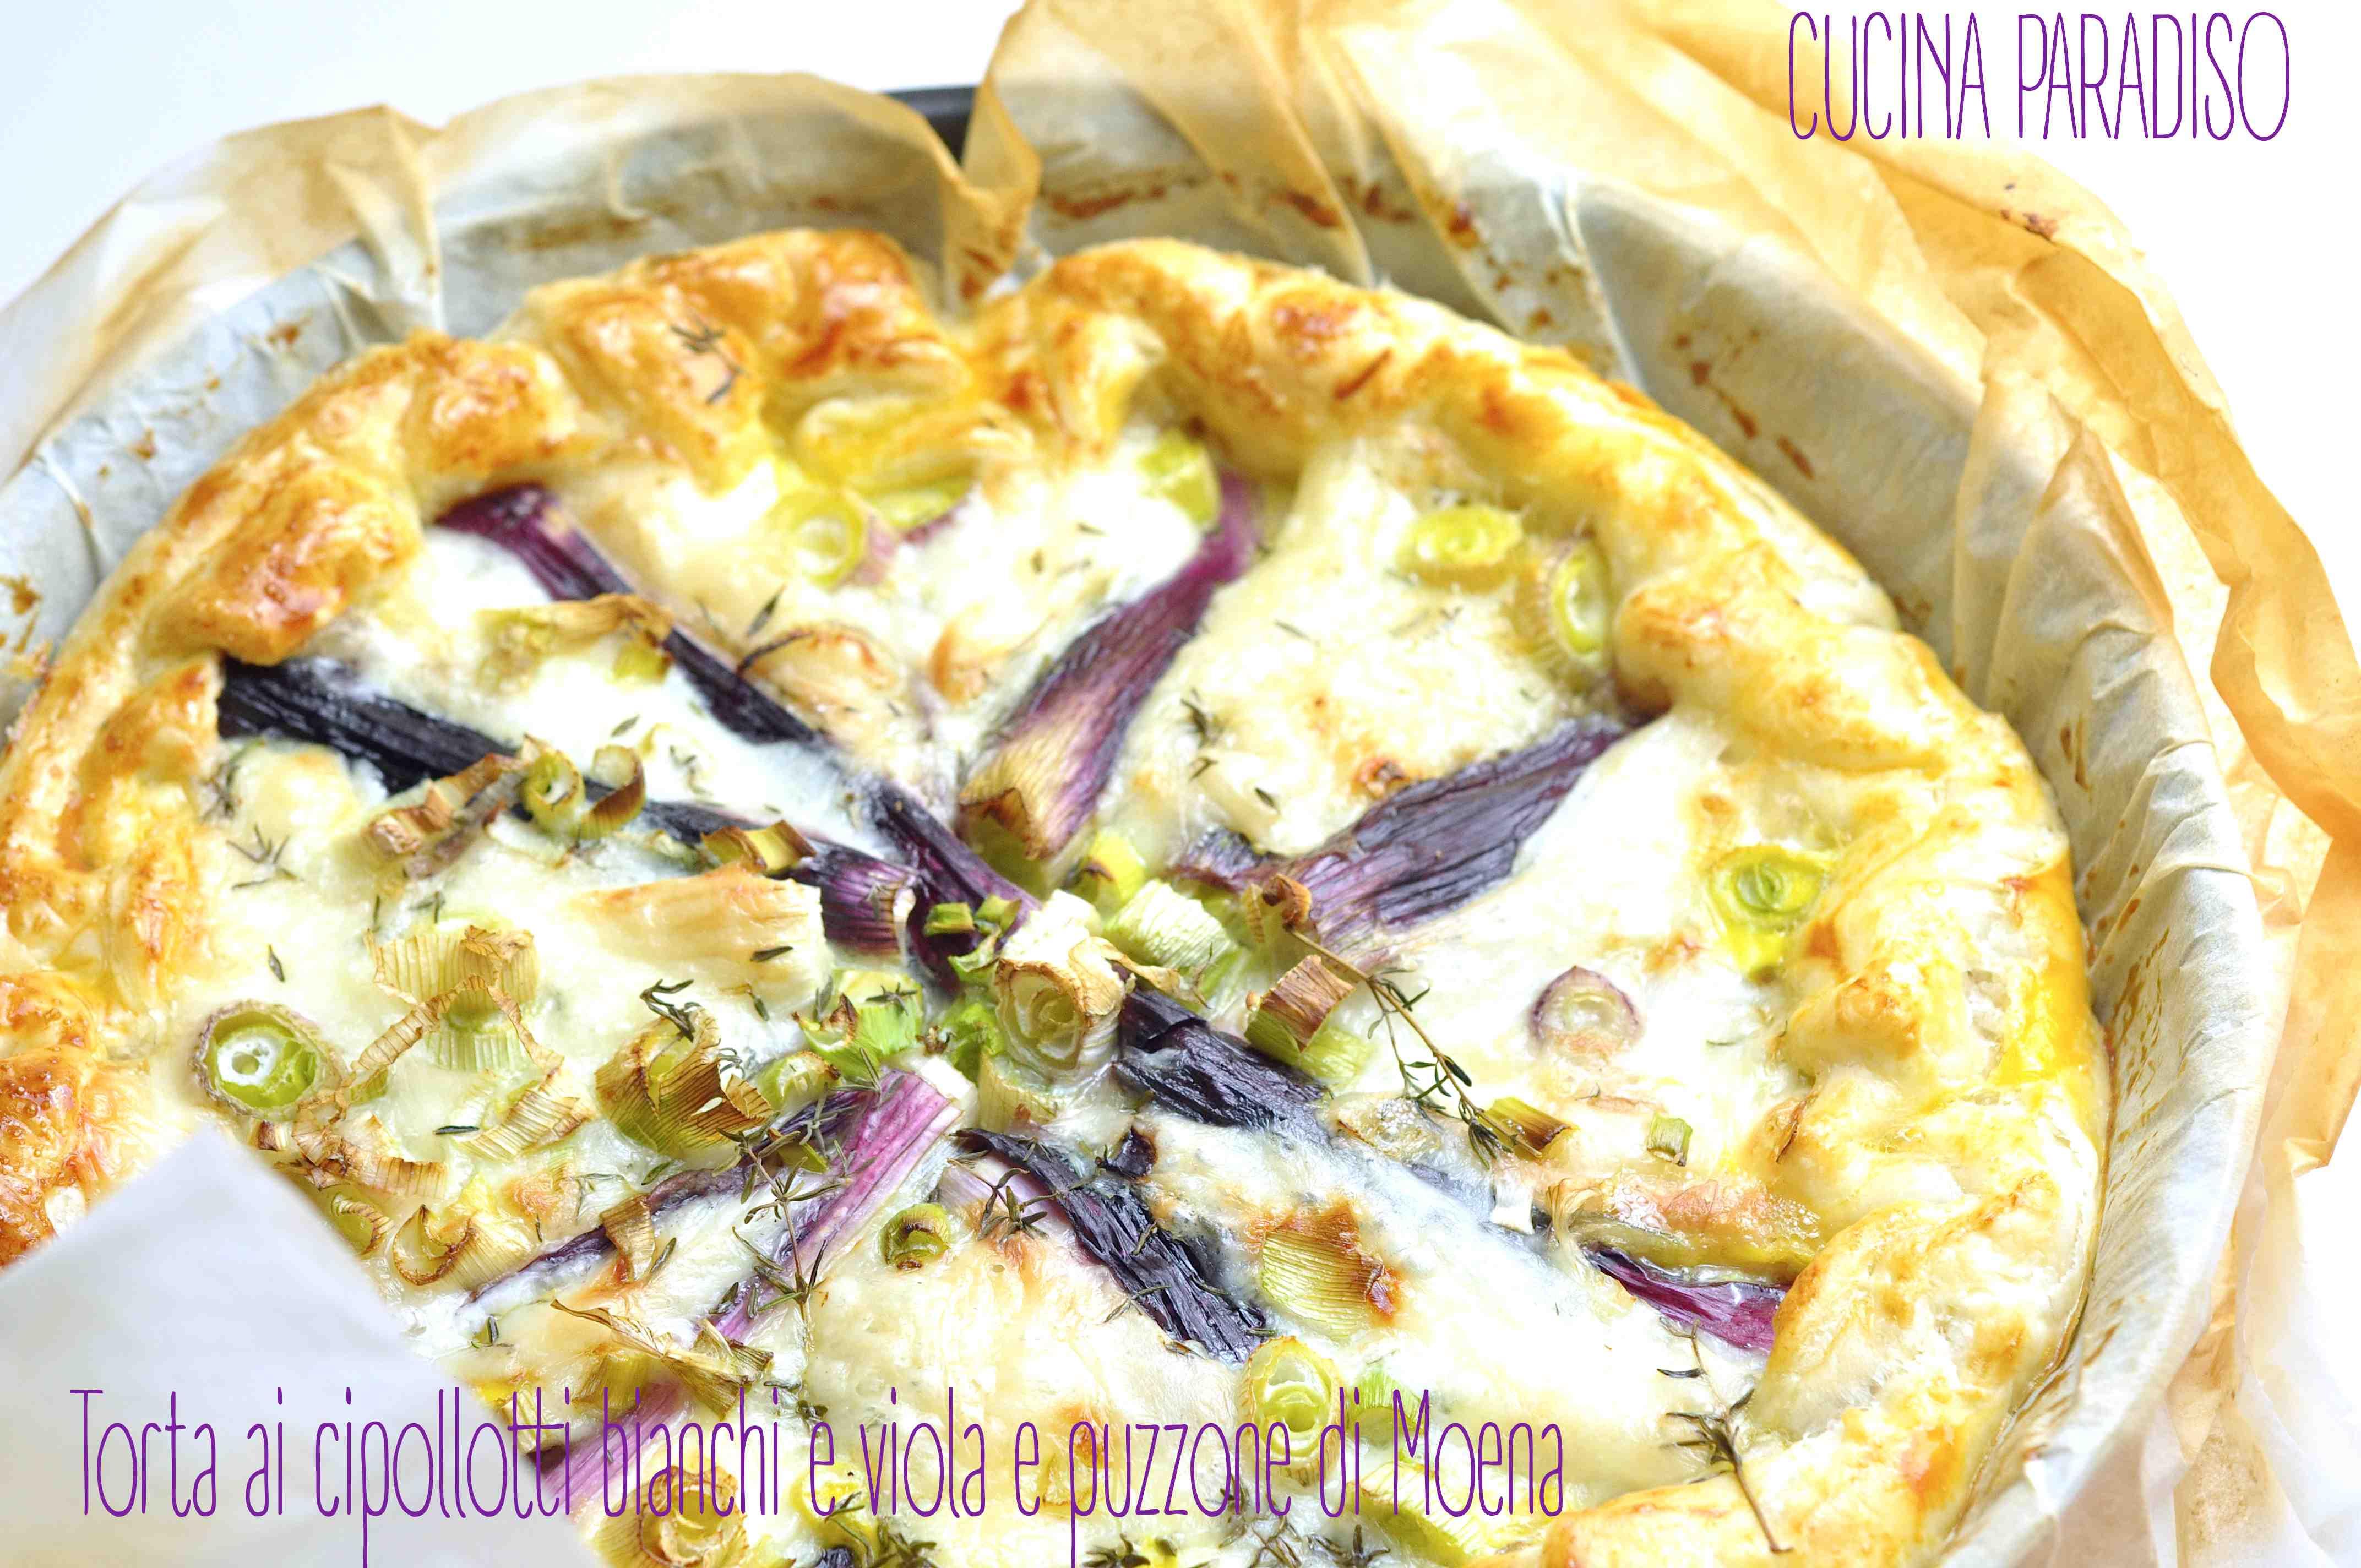 Torta ai cipollotti bianchi e viola e puzzone di Moena3